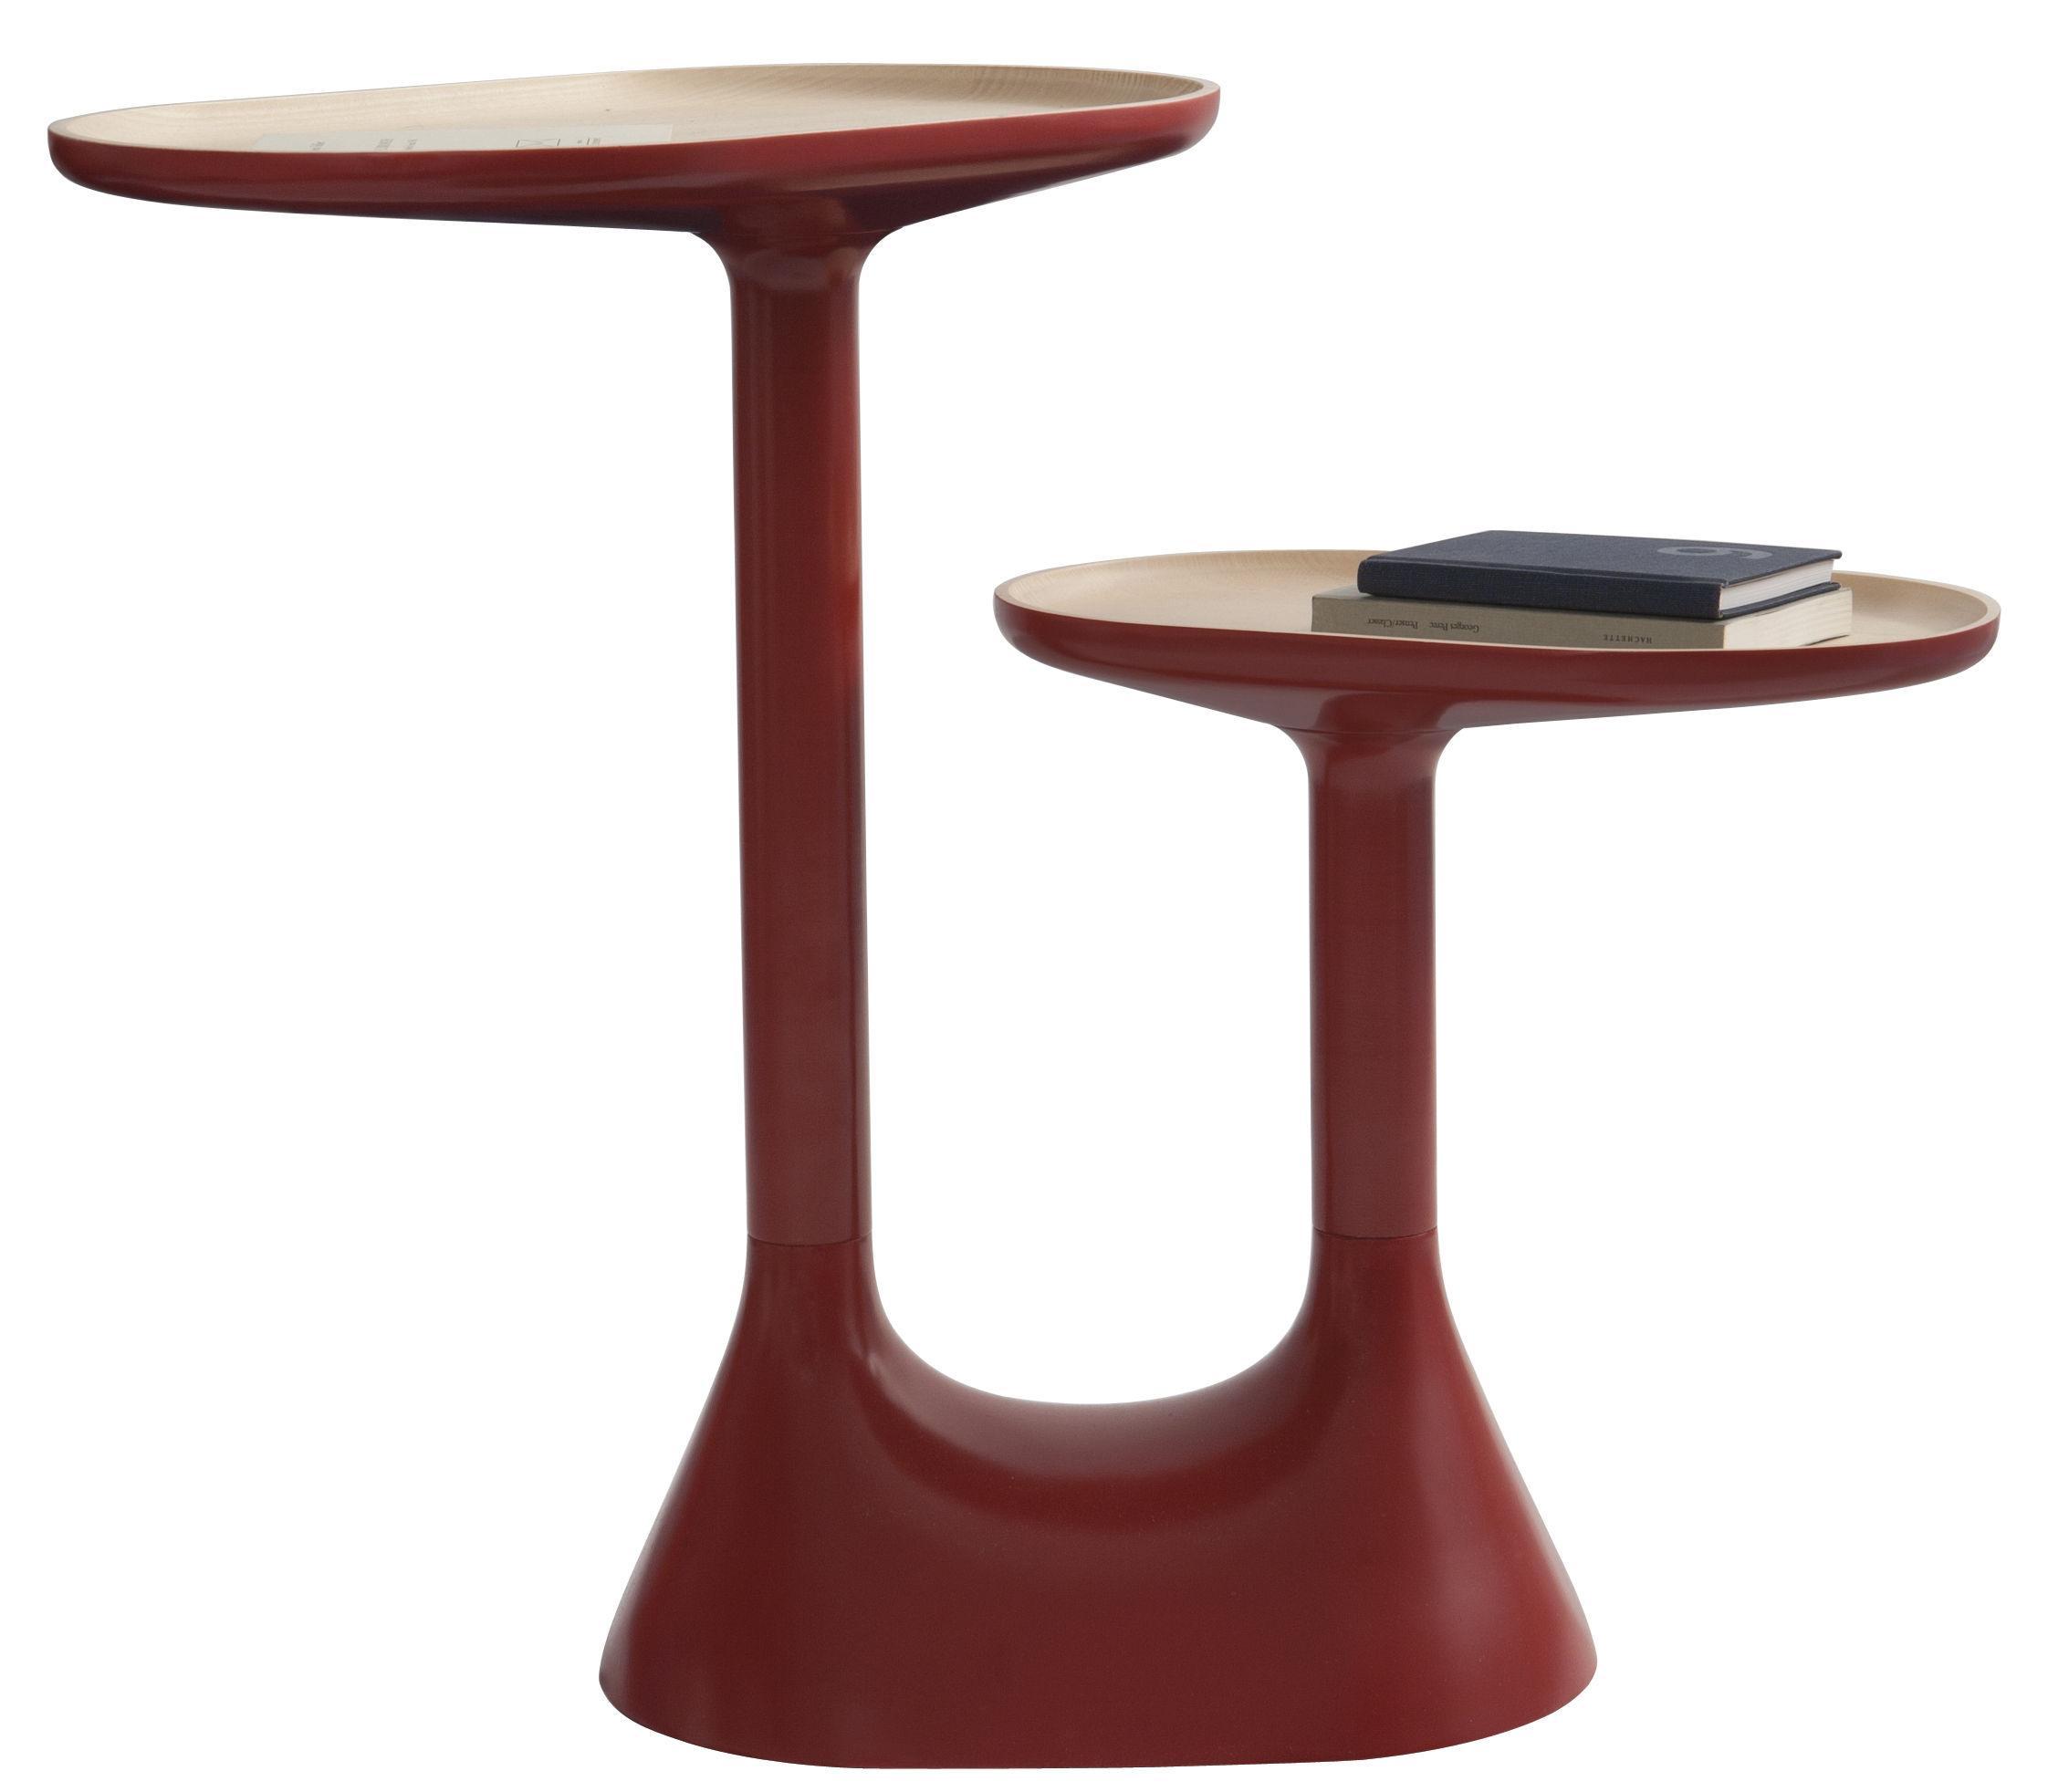 Mobilier - Tables basses - Table basse Baobab /2 plateaux pivotants - Moustache - Rouge - Hêtre laqué, Tilleul